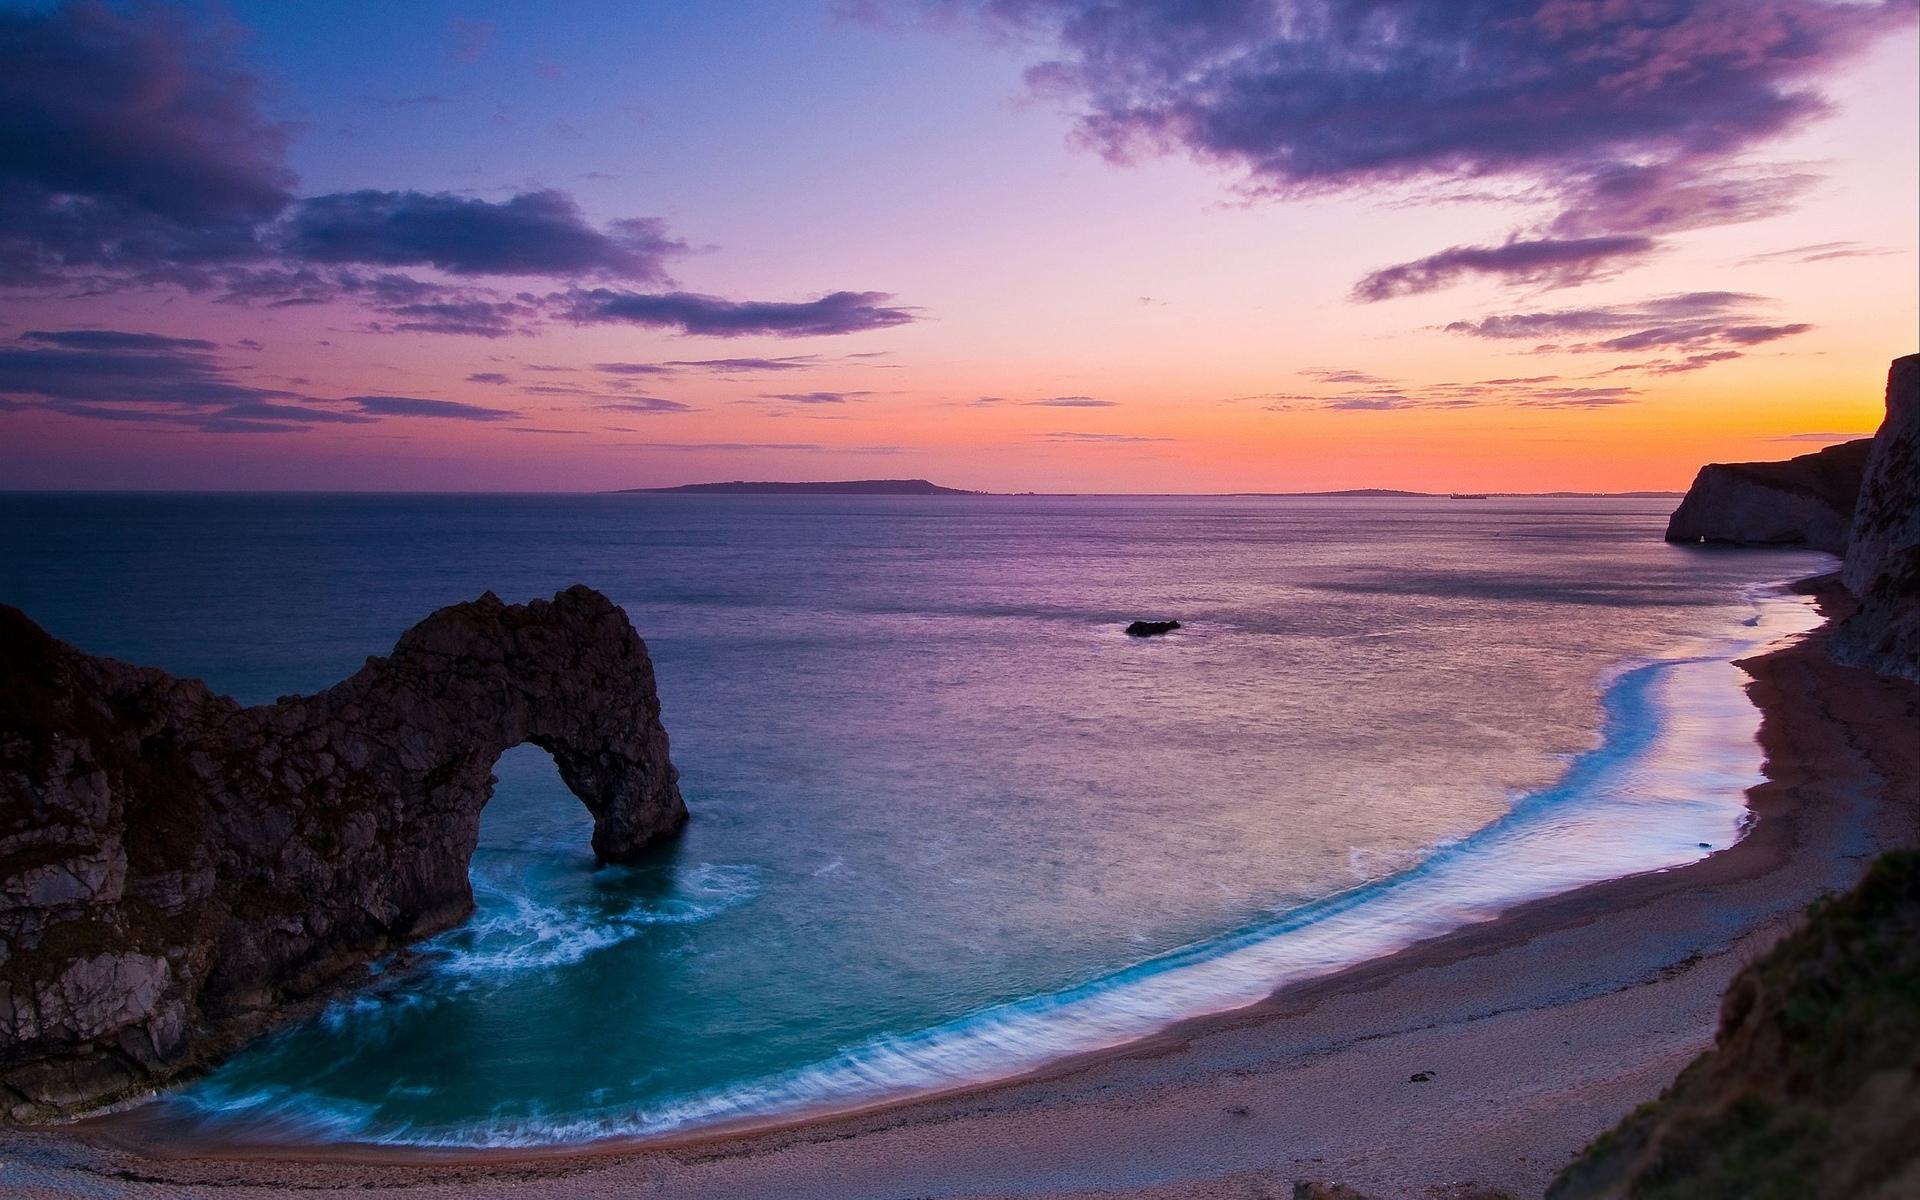 Beach landscape pebbles sunset rock evening widescreen background 1920x1200